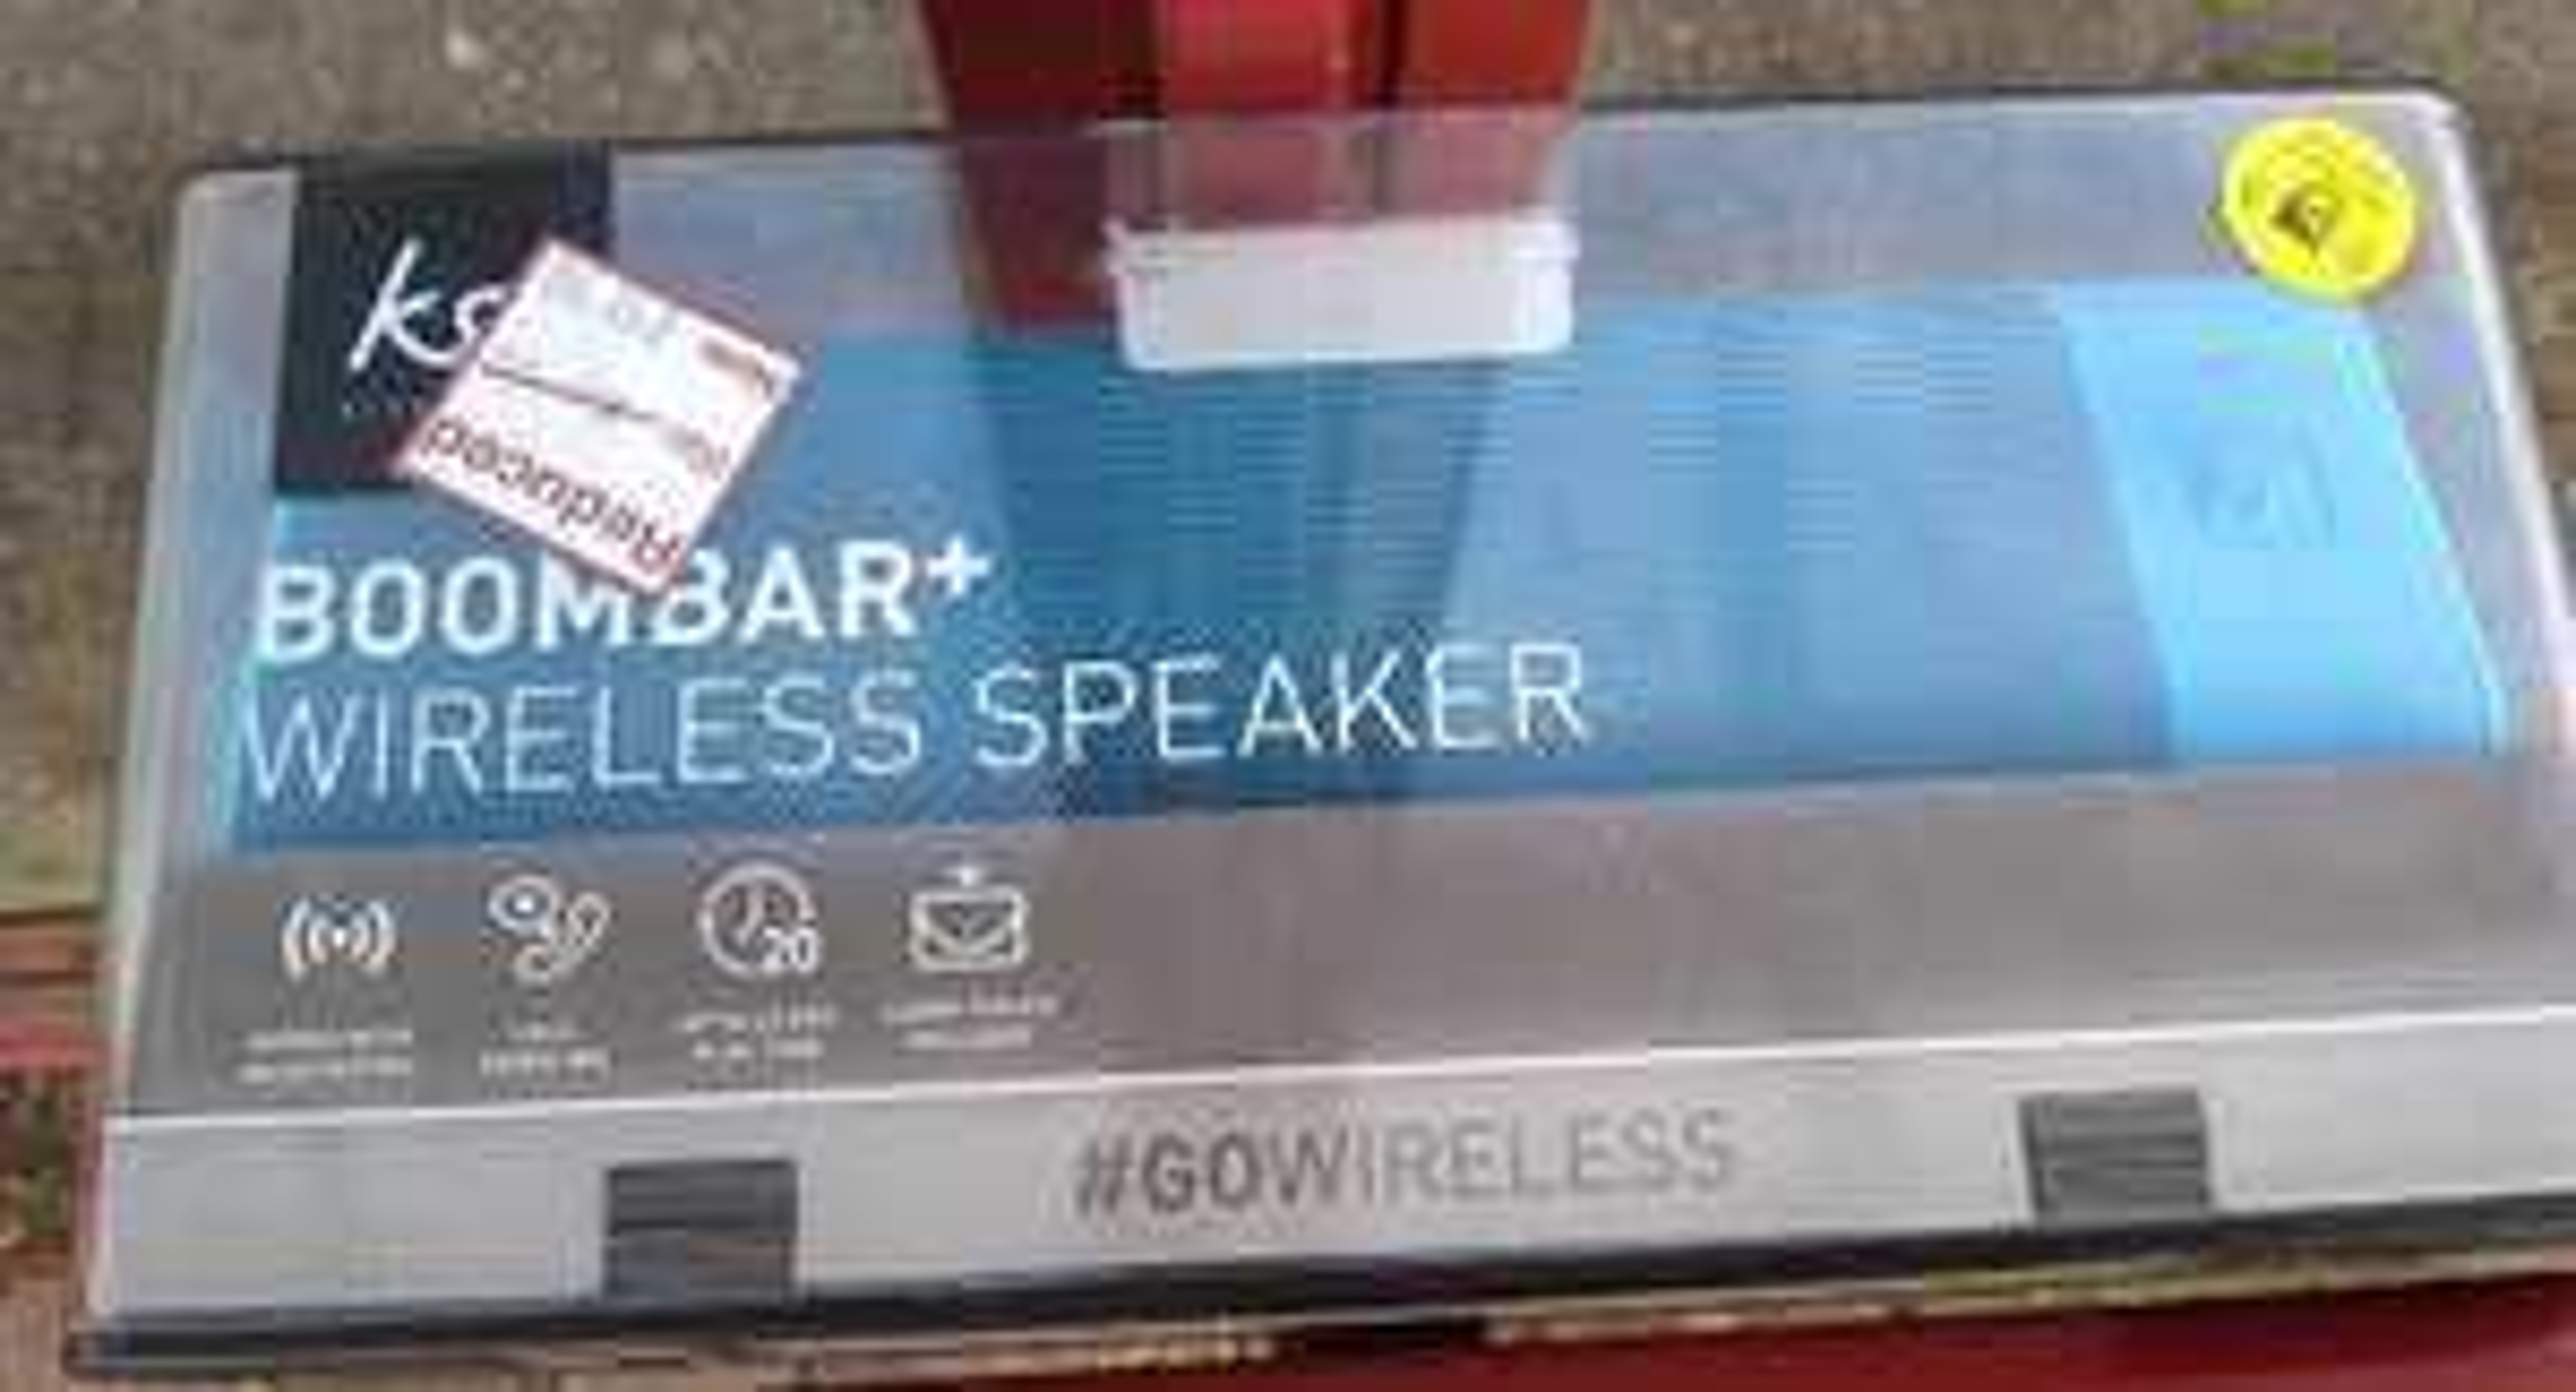 Kitsound Boombar Wireless Speaker Blue - £12.50 @ Wilko